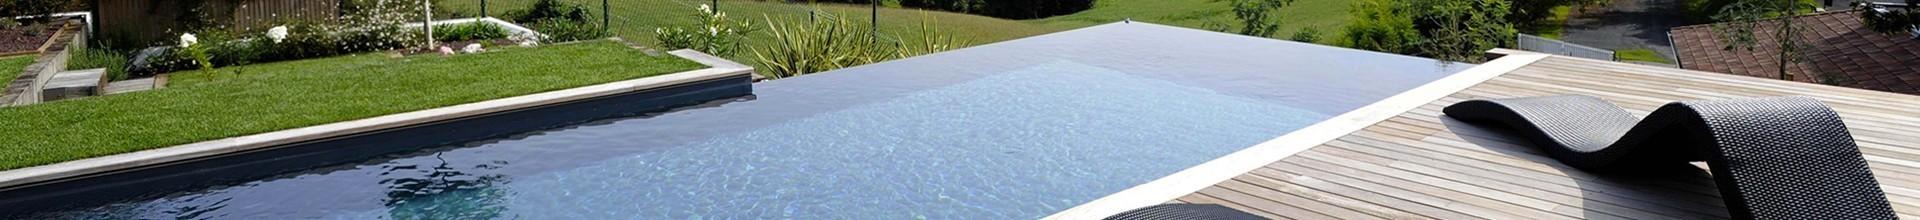 Normandie Manche plans de montage d'une piscine en béton